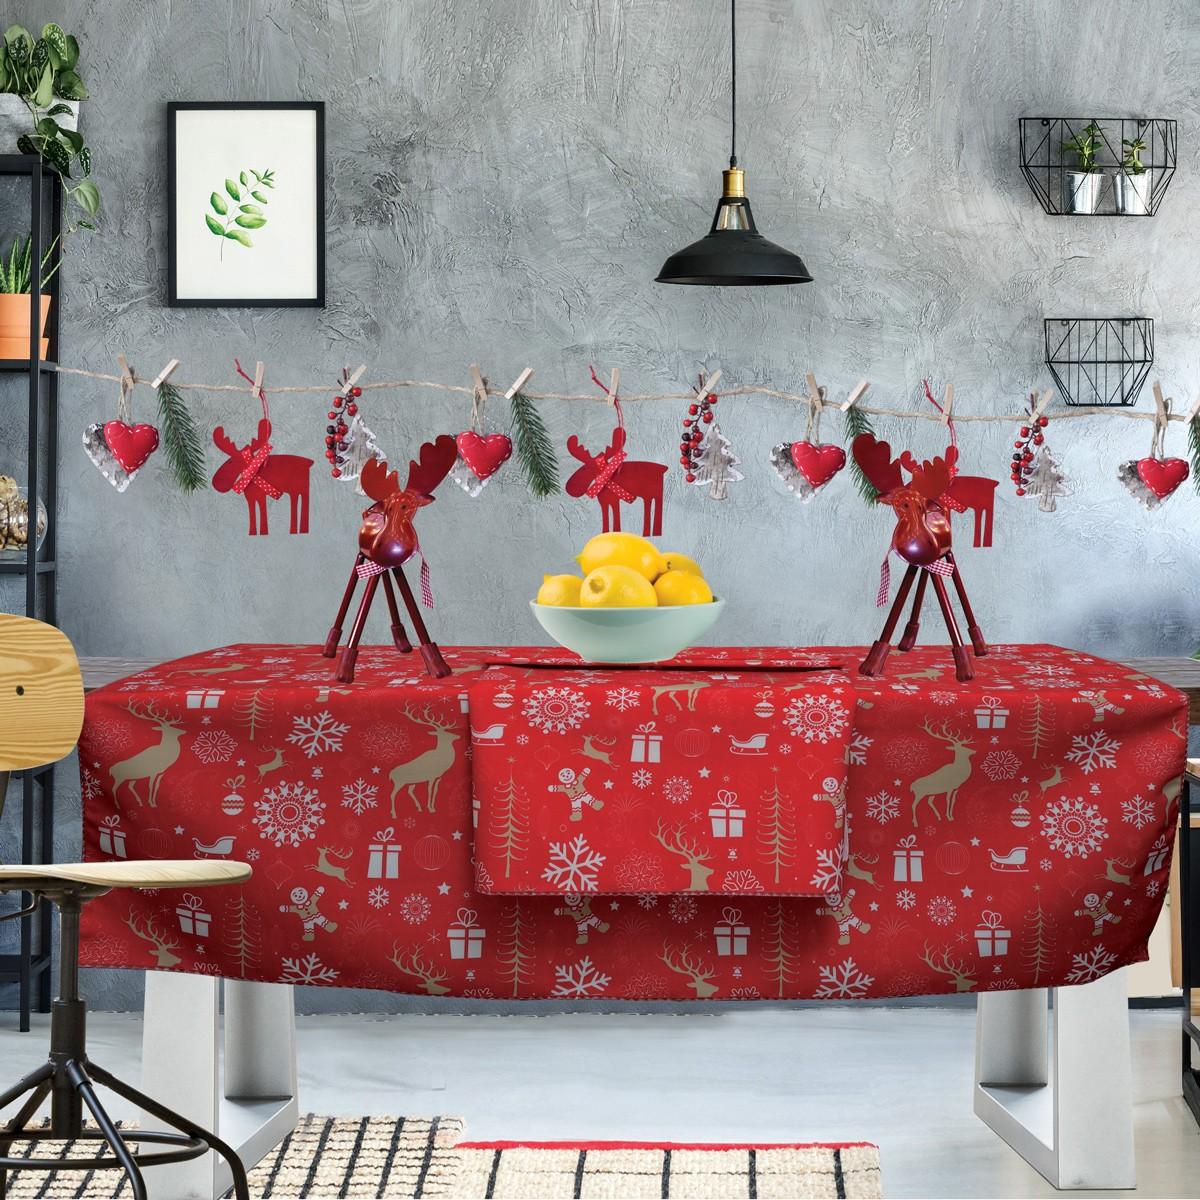 Χριστουγεννιάτικη Τραβέρσα Das Home Kitchen 549